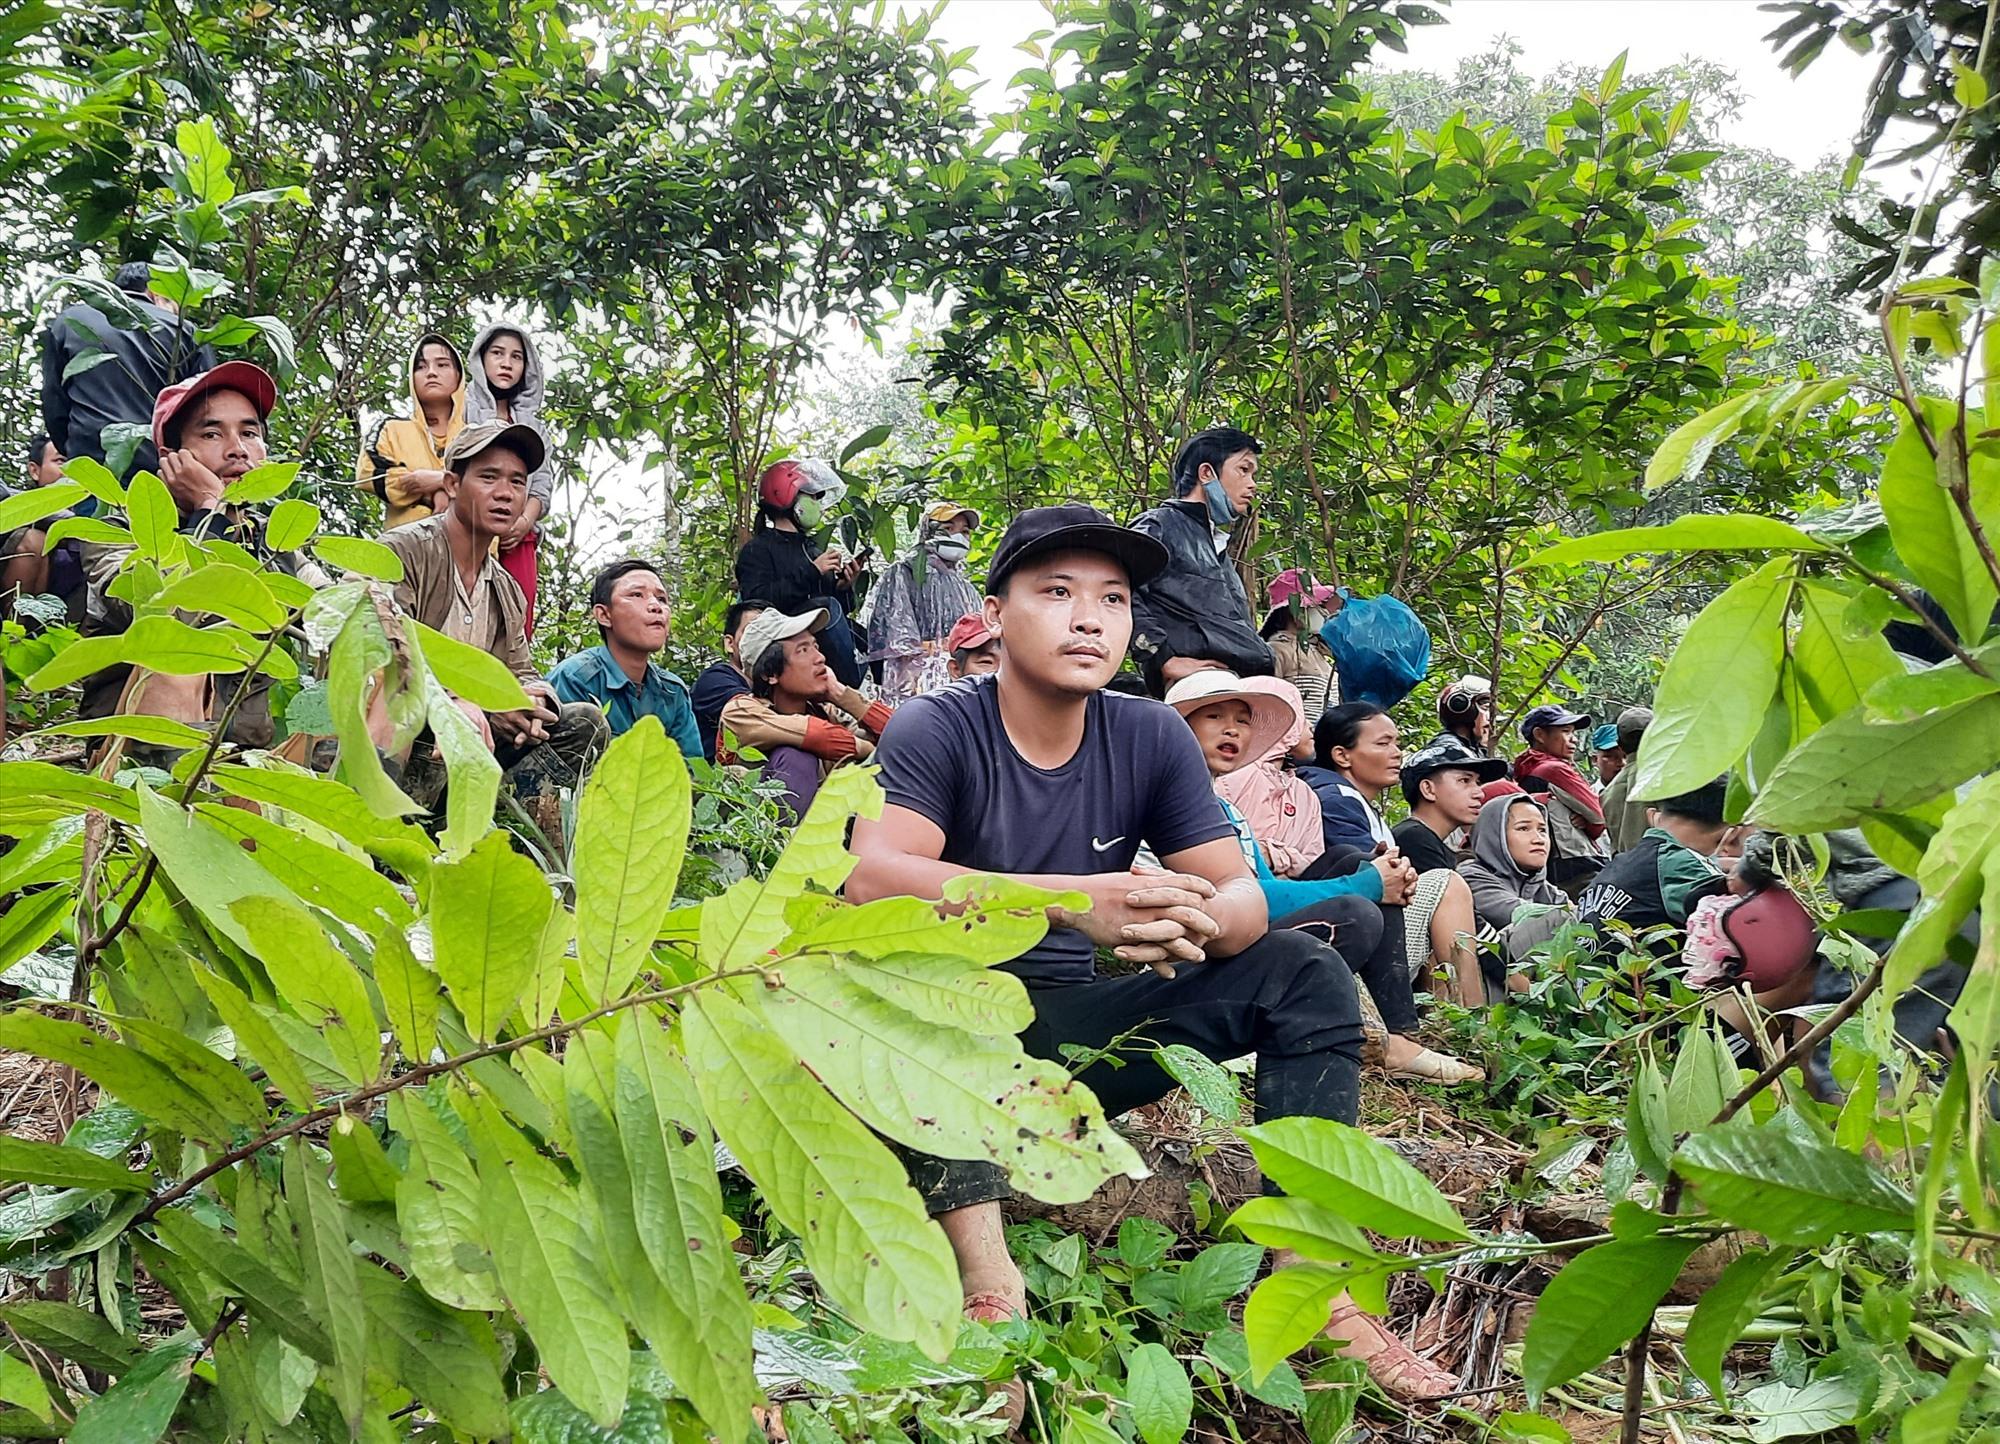 Người dân còn sống sót cần nơi ở an toàn trong những ngày mưa bão sắp đến. Ảnh: PV